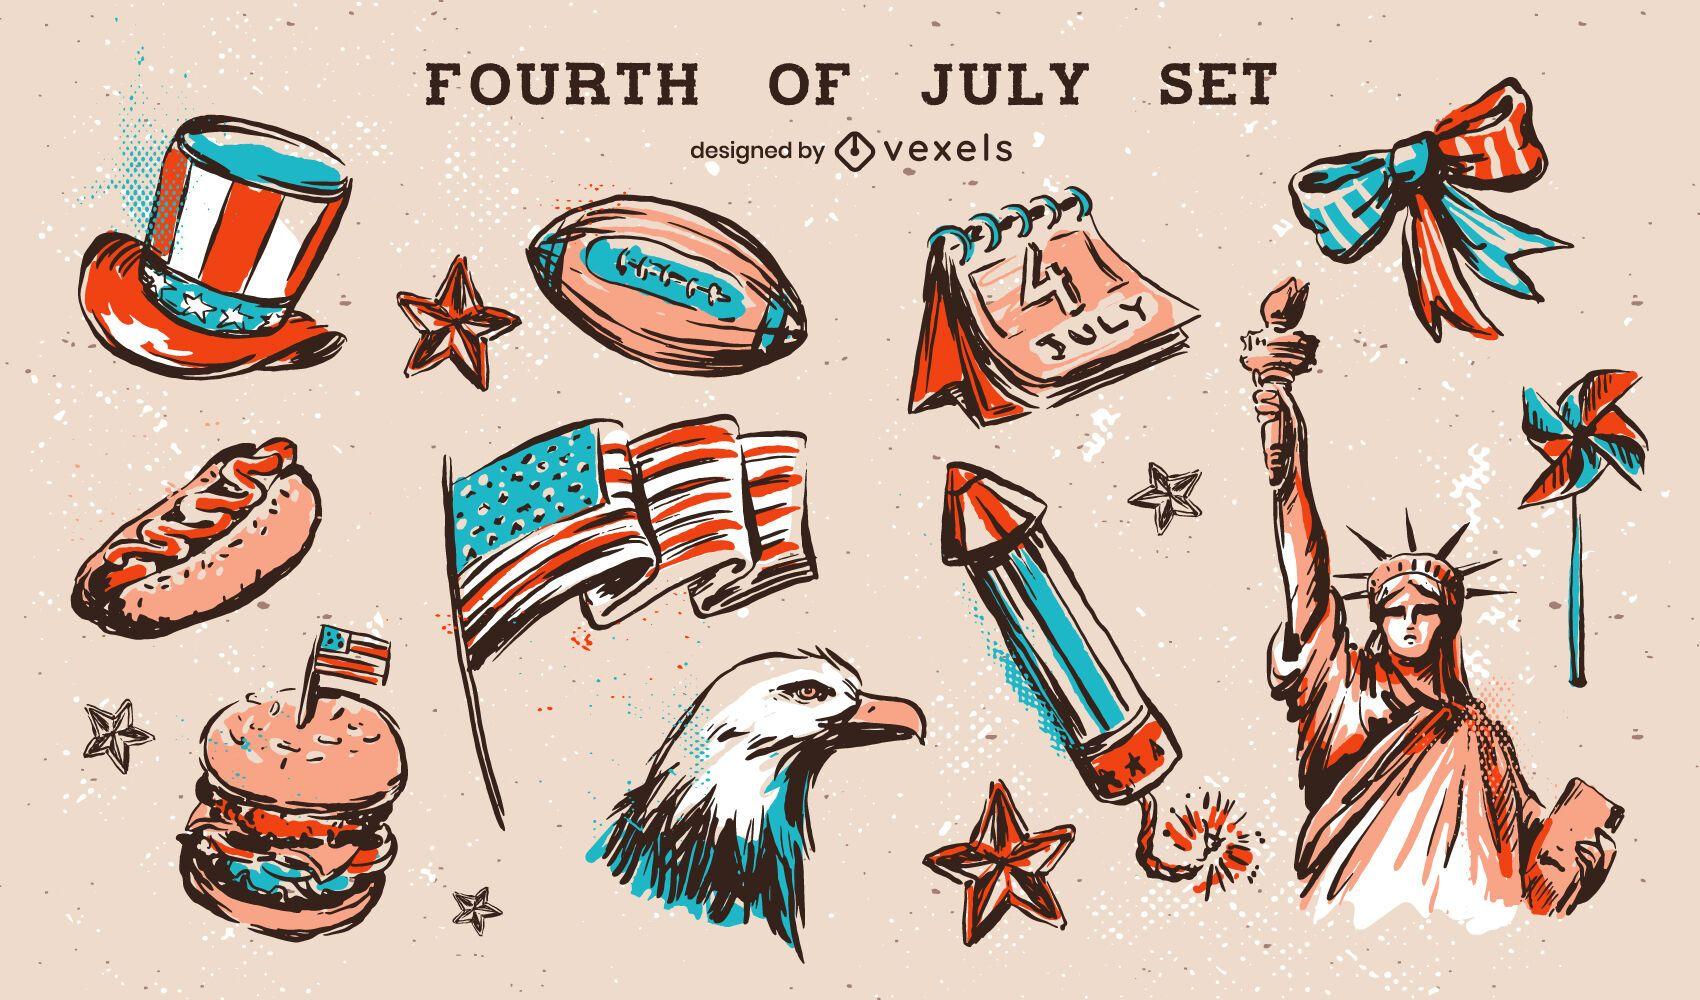 Conjunto de elementos do quarto de julho